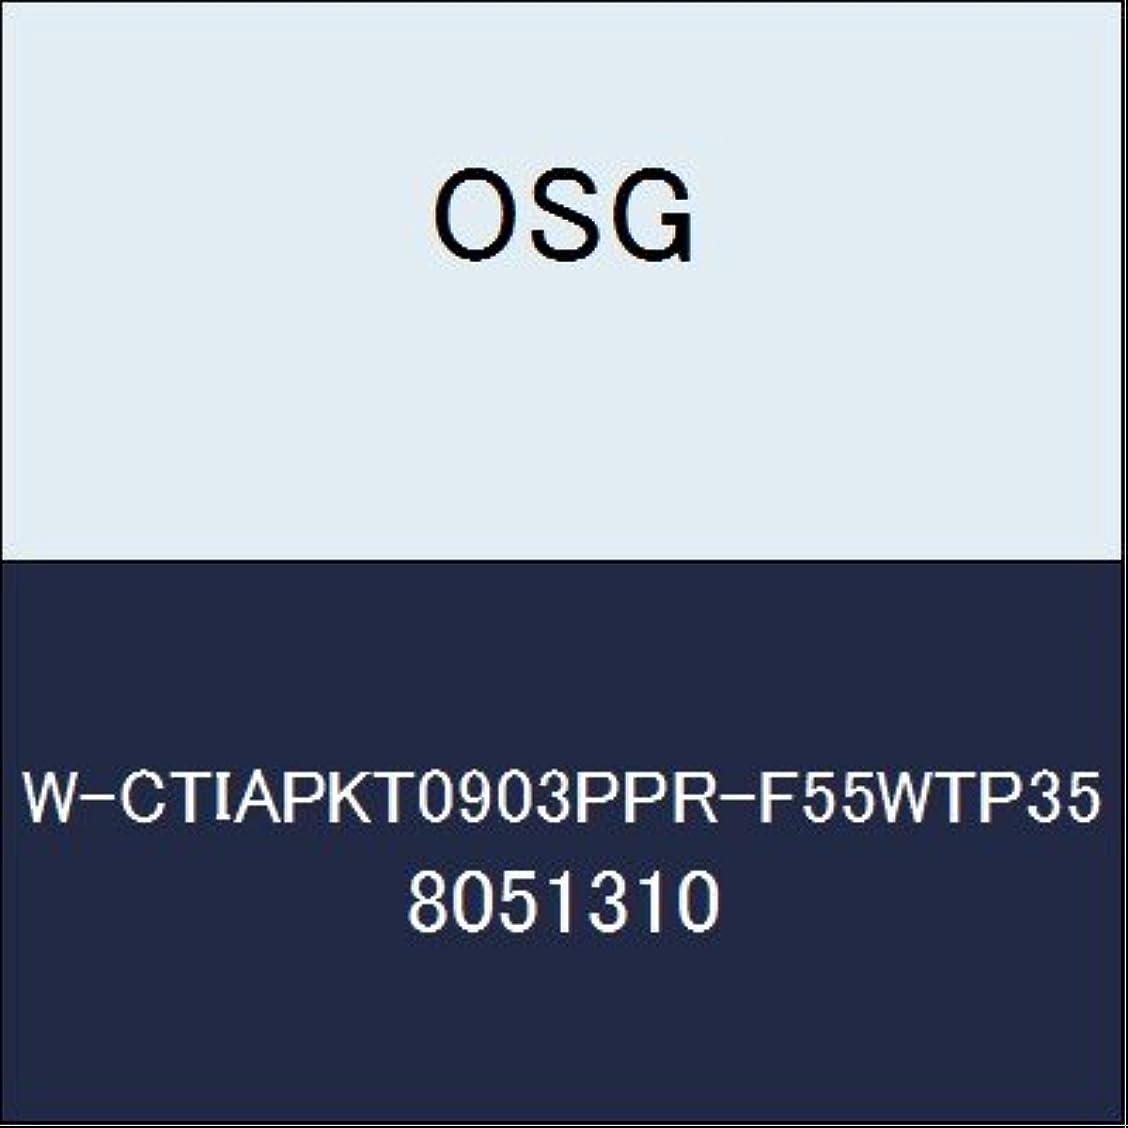 打撃おばさん例外OSG チップ W-CTIAPKT0903PPR-F55WTP35 商品番号 8051310